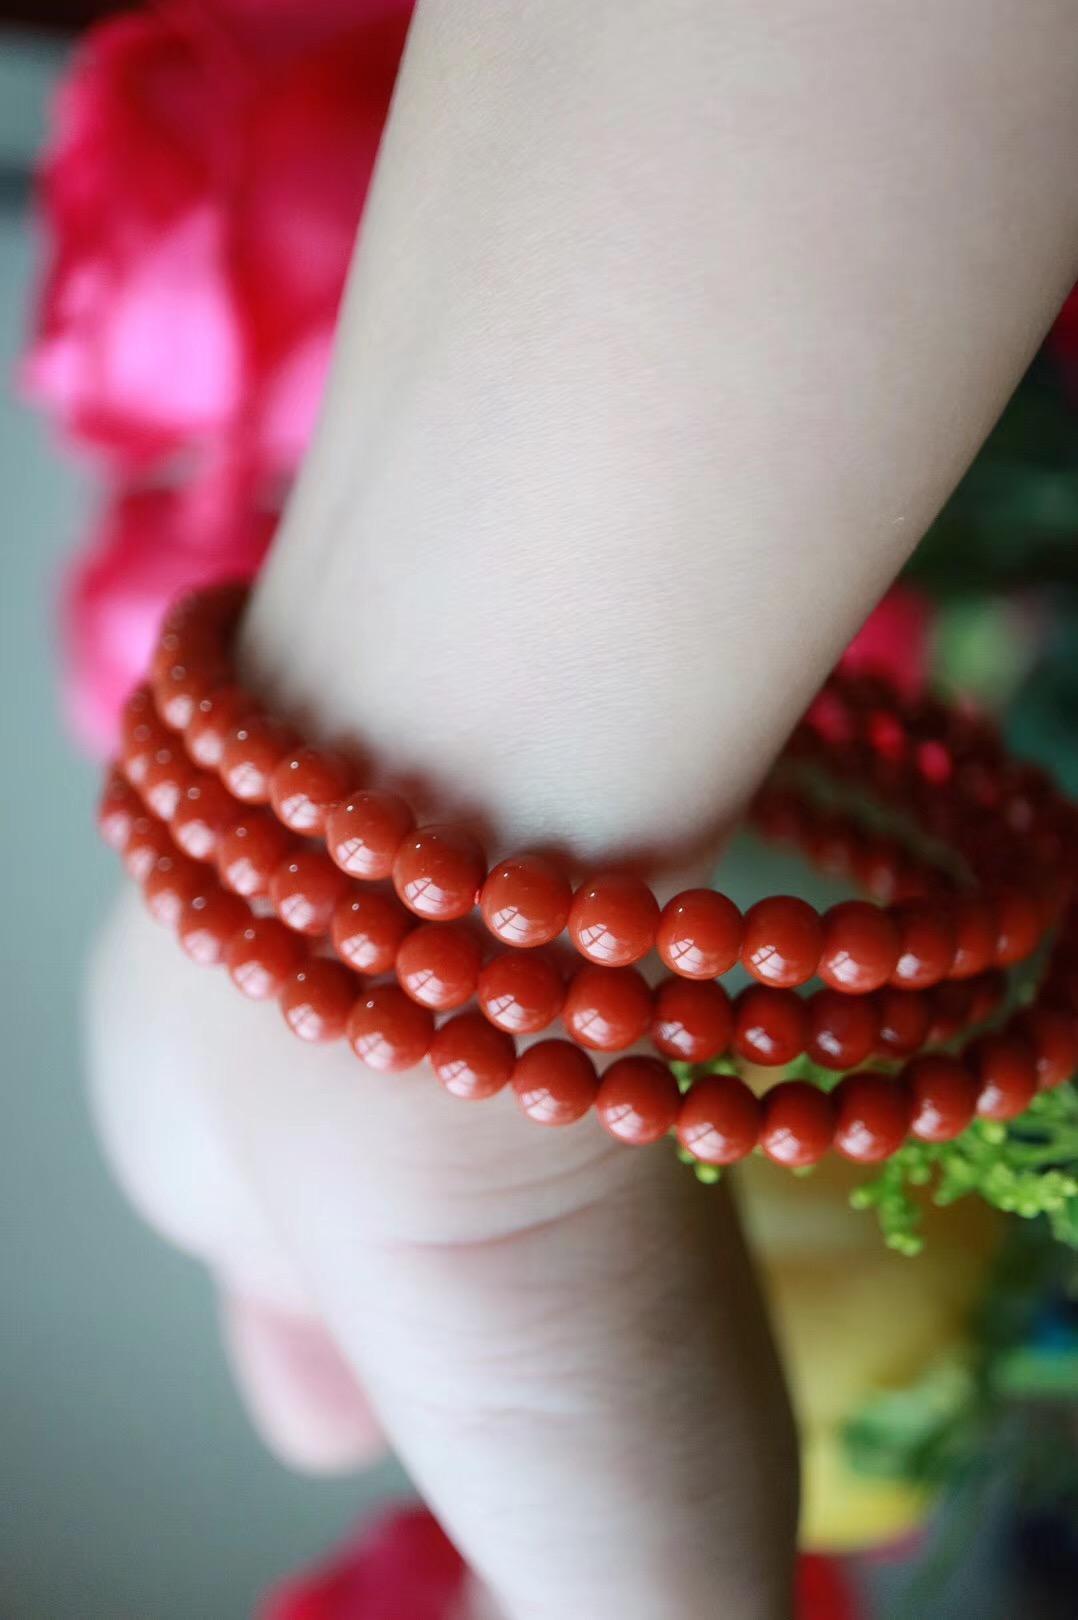 【南红玛瑙】南红是唯一具有温润玉质的红色宝玉石-菩心晶舍